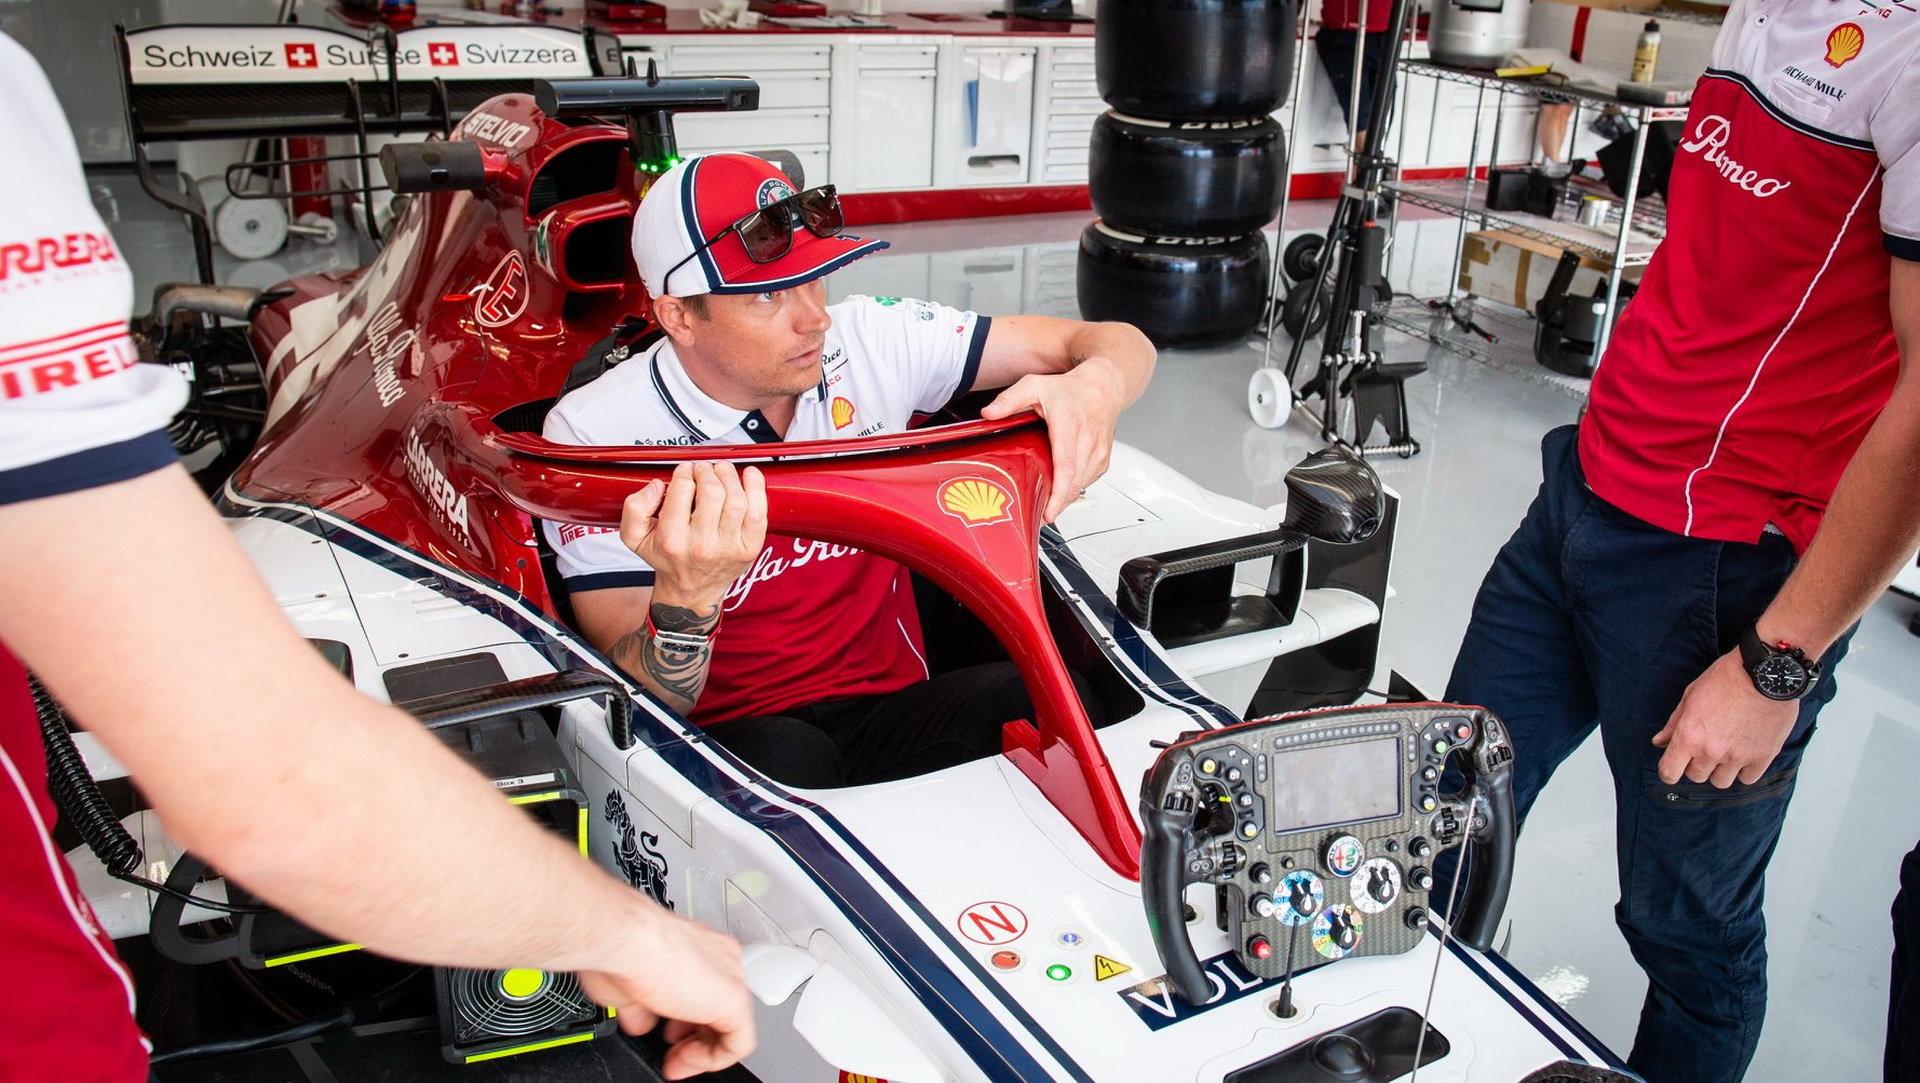 Kimi Räikkönen od Maďarska nebodoval, proto se v šampionátu postupně propadl z 8. na 14. místo